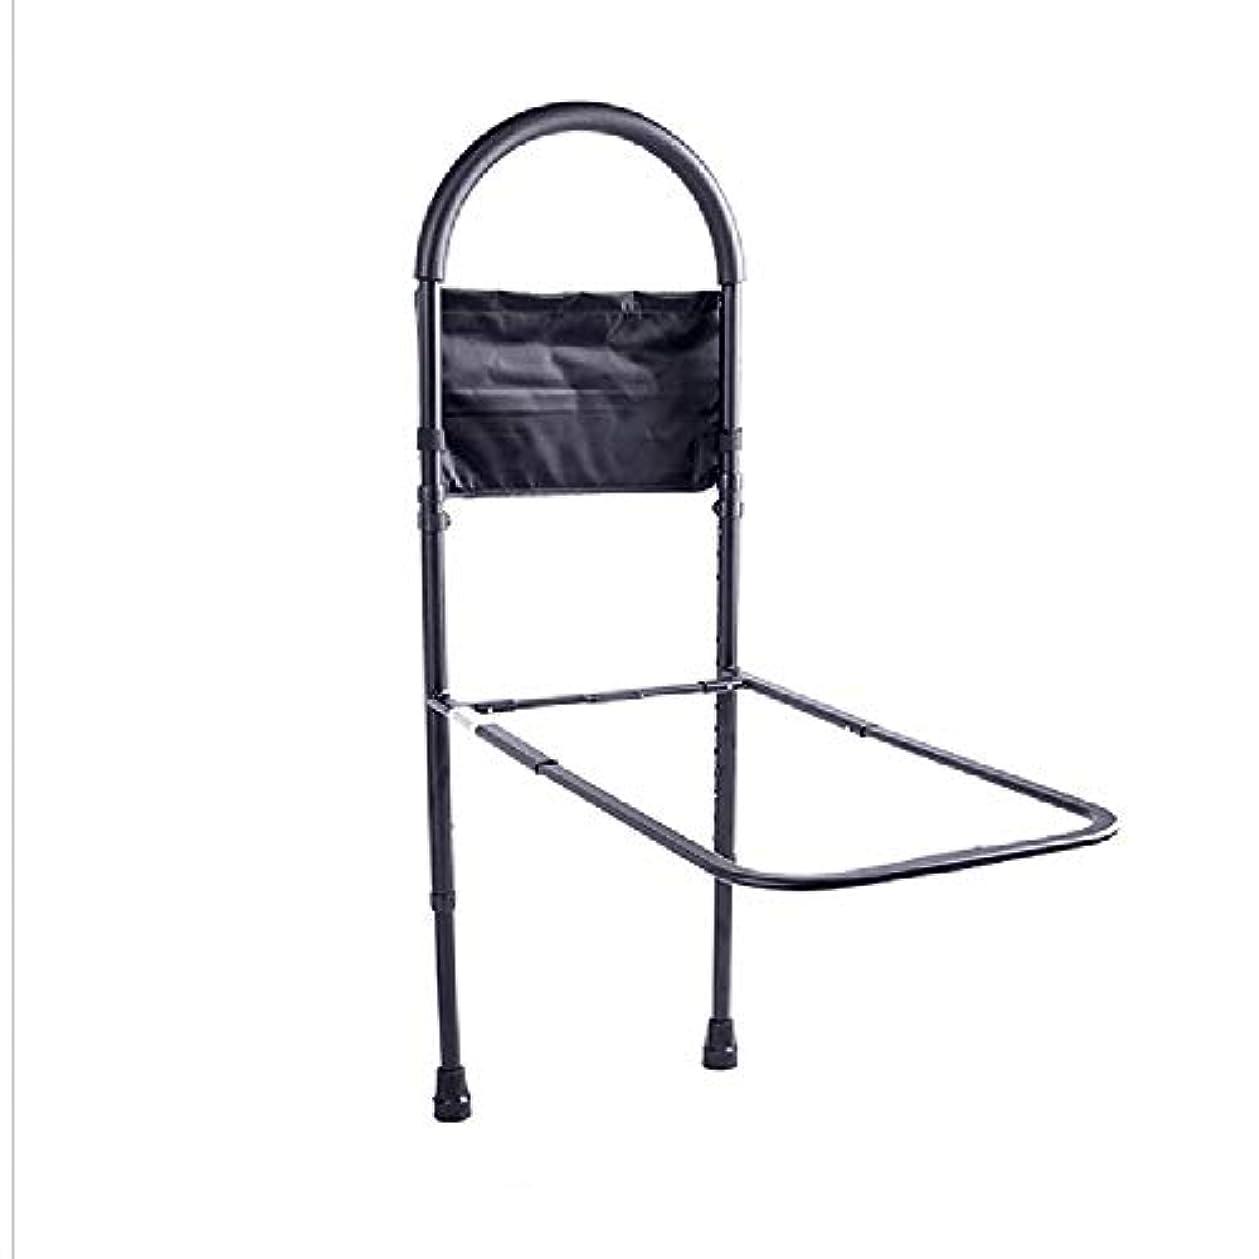 テロリスト女王走る肥満者、身体障害者、ハンディキャップ、肥満者のための便利な収納ポケット付きのベッドレールアシストハンドル (Color : 黒)